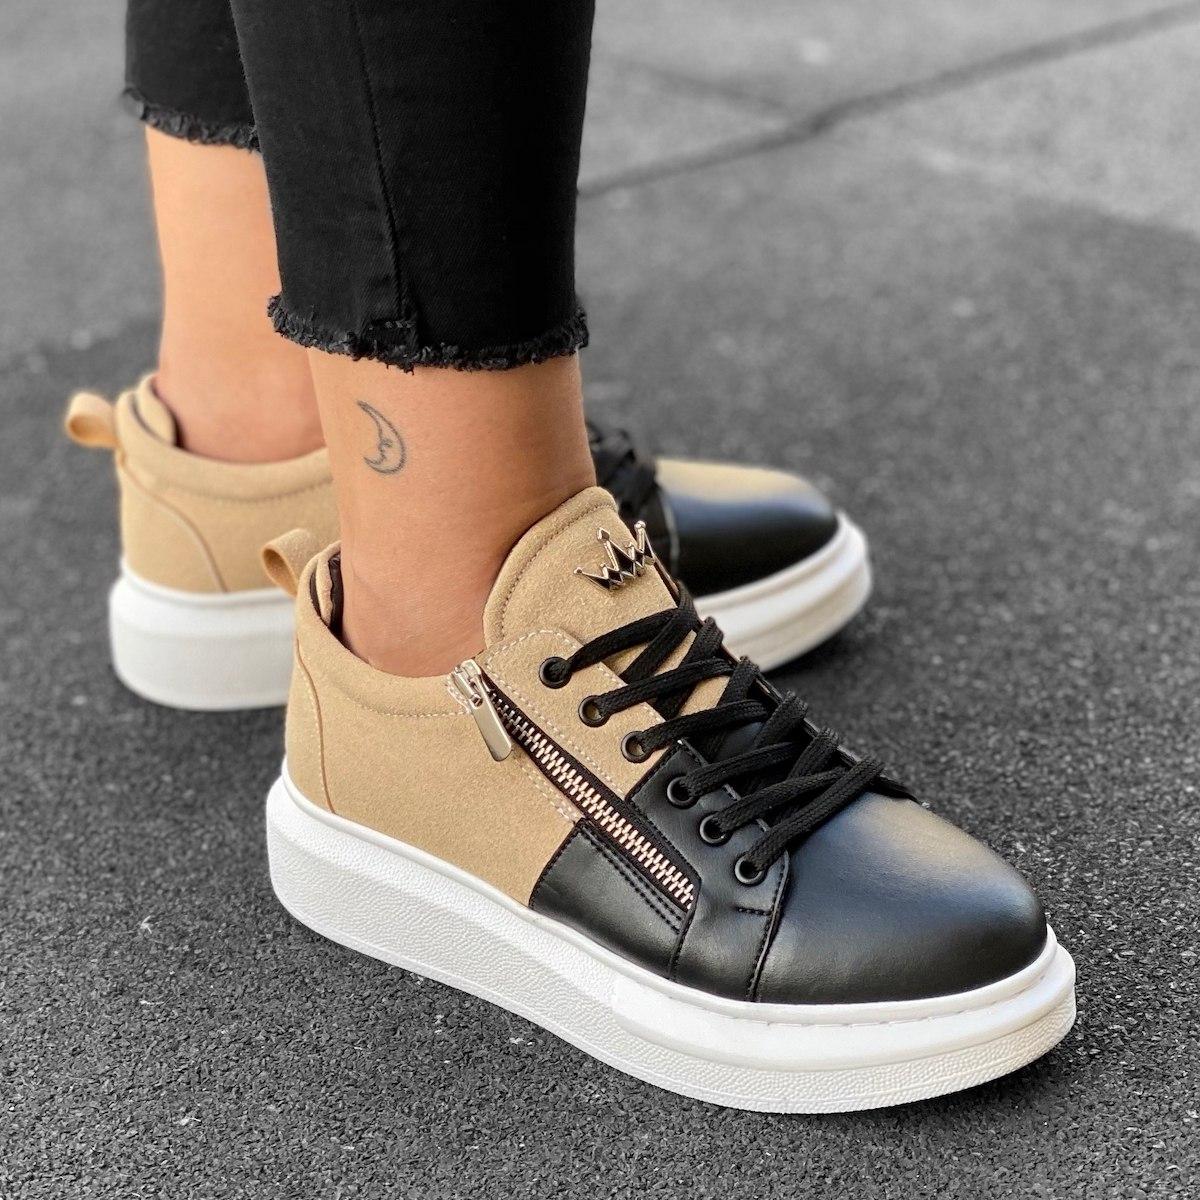 Women's Hype Sole Zipped Style Sneakers In Cream-Black